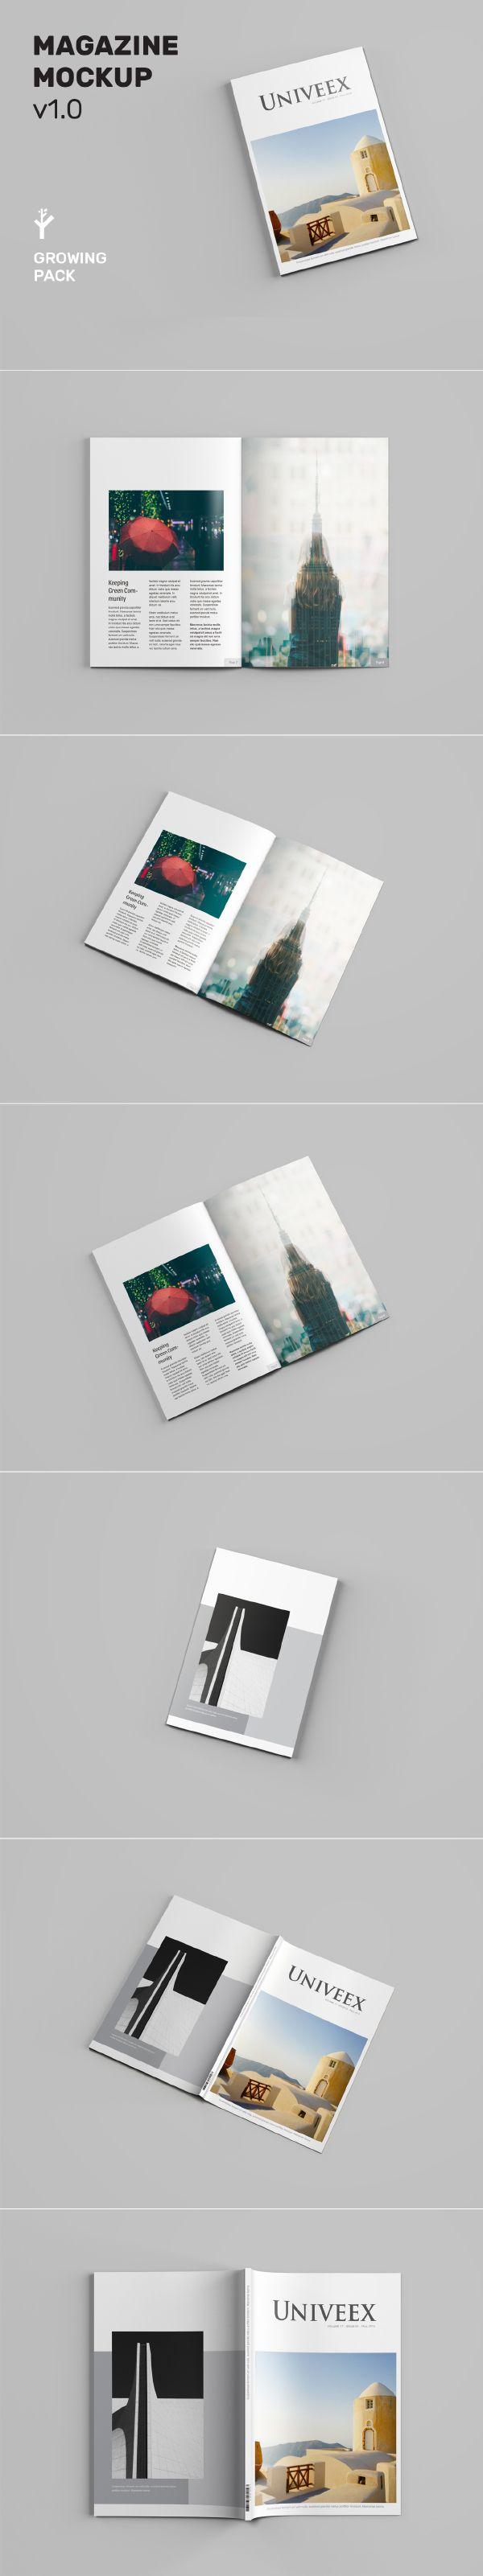 Free A4 Magazine Mockup Magazine Mockup Mockup Mockup Psd